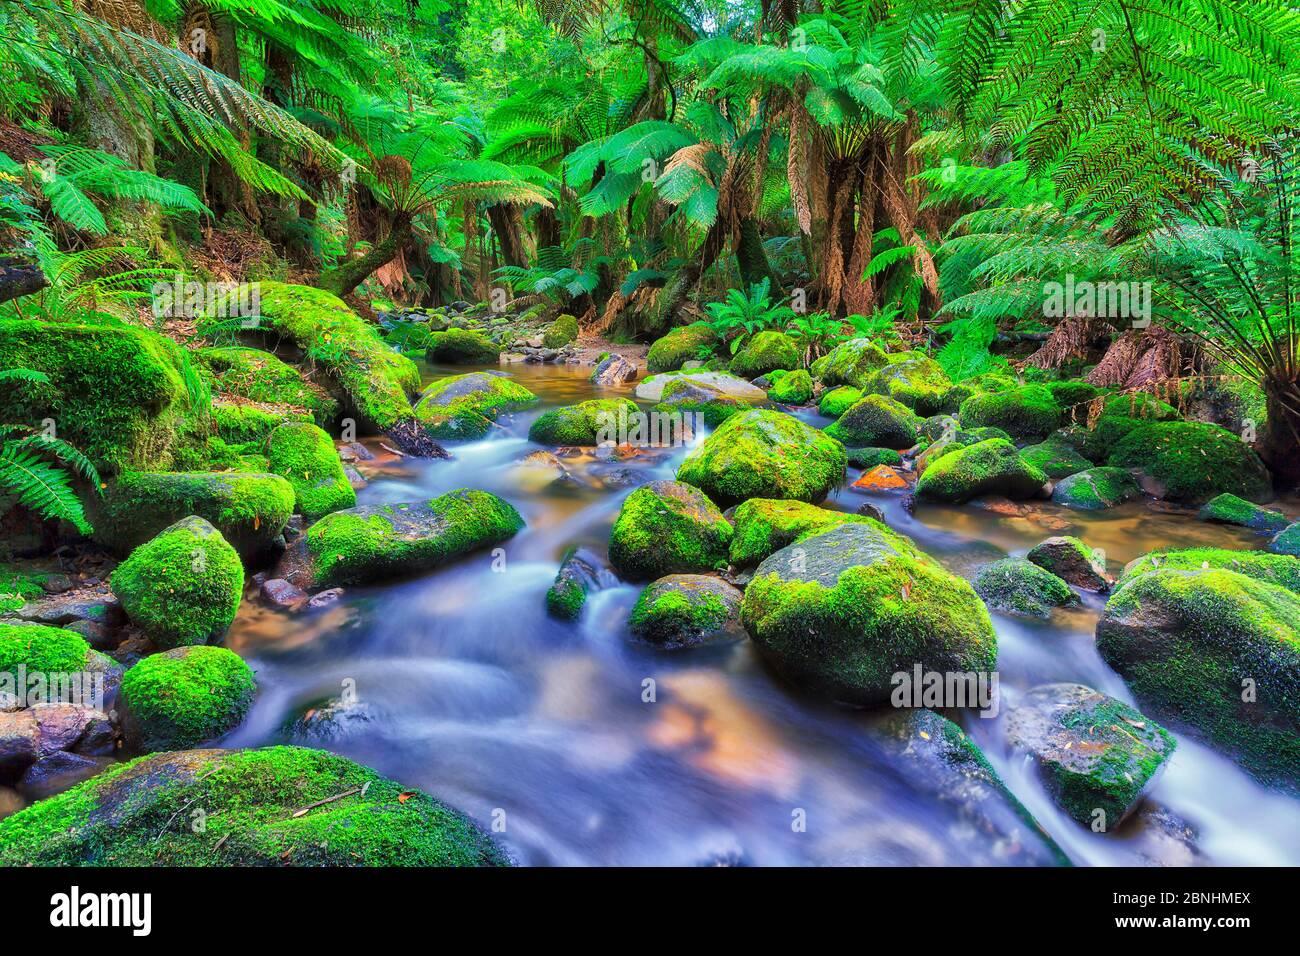 Exuberante vegetación verde en la selva tropical de Columba creek, Tasmania. Foto de stock